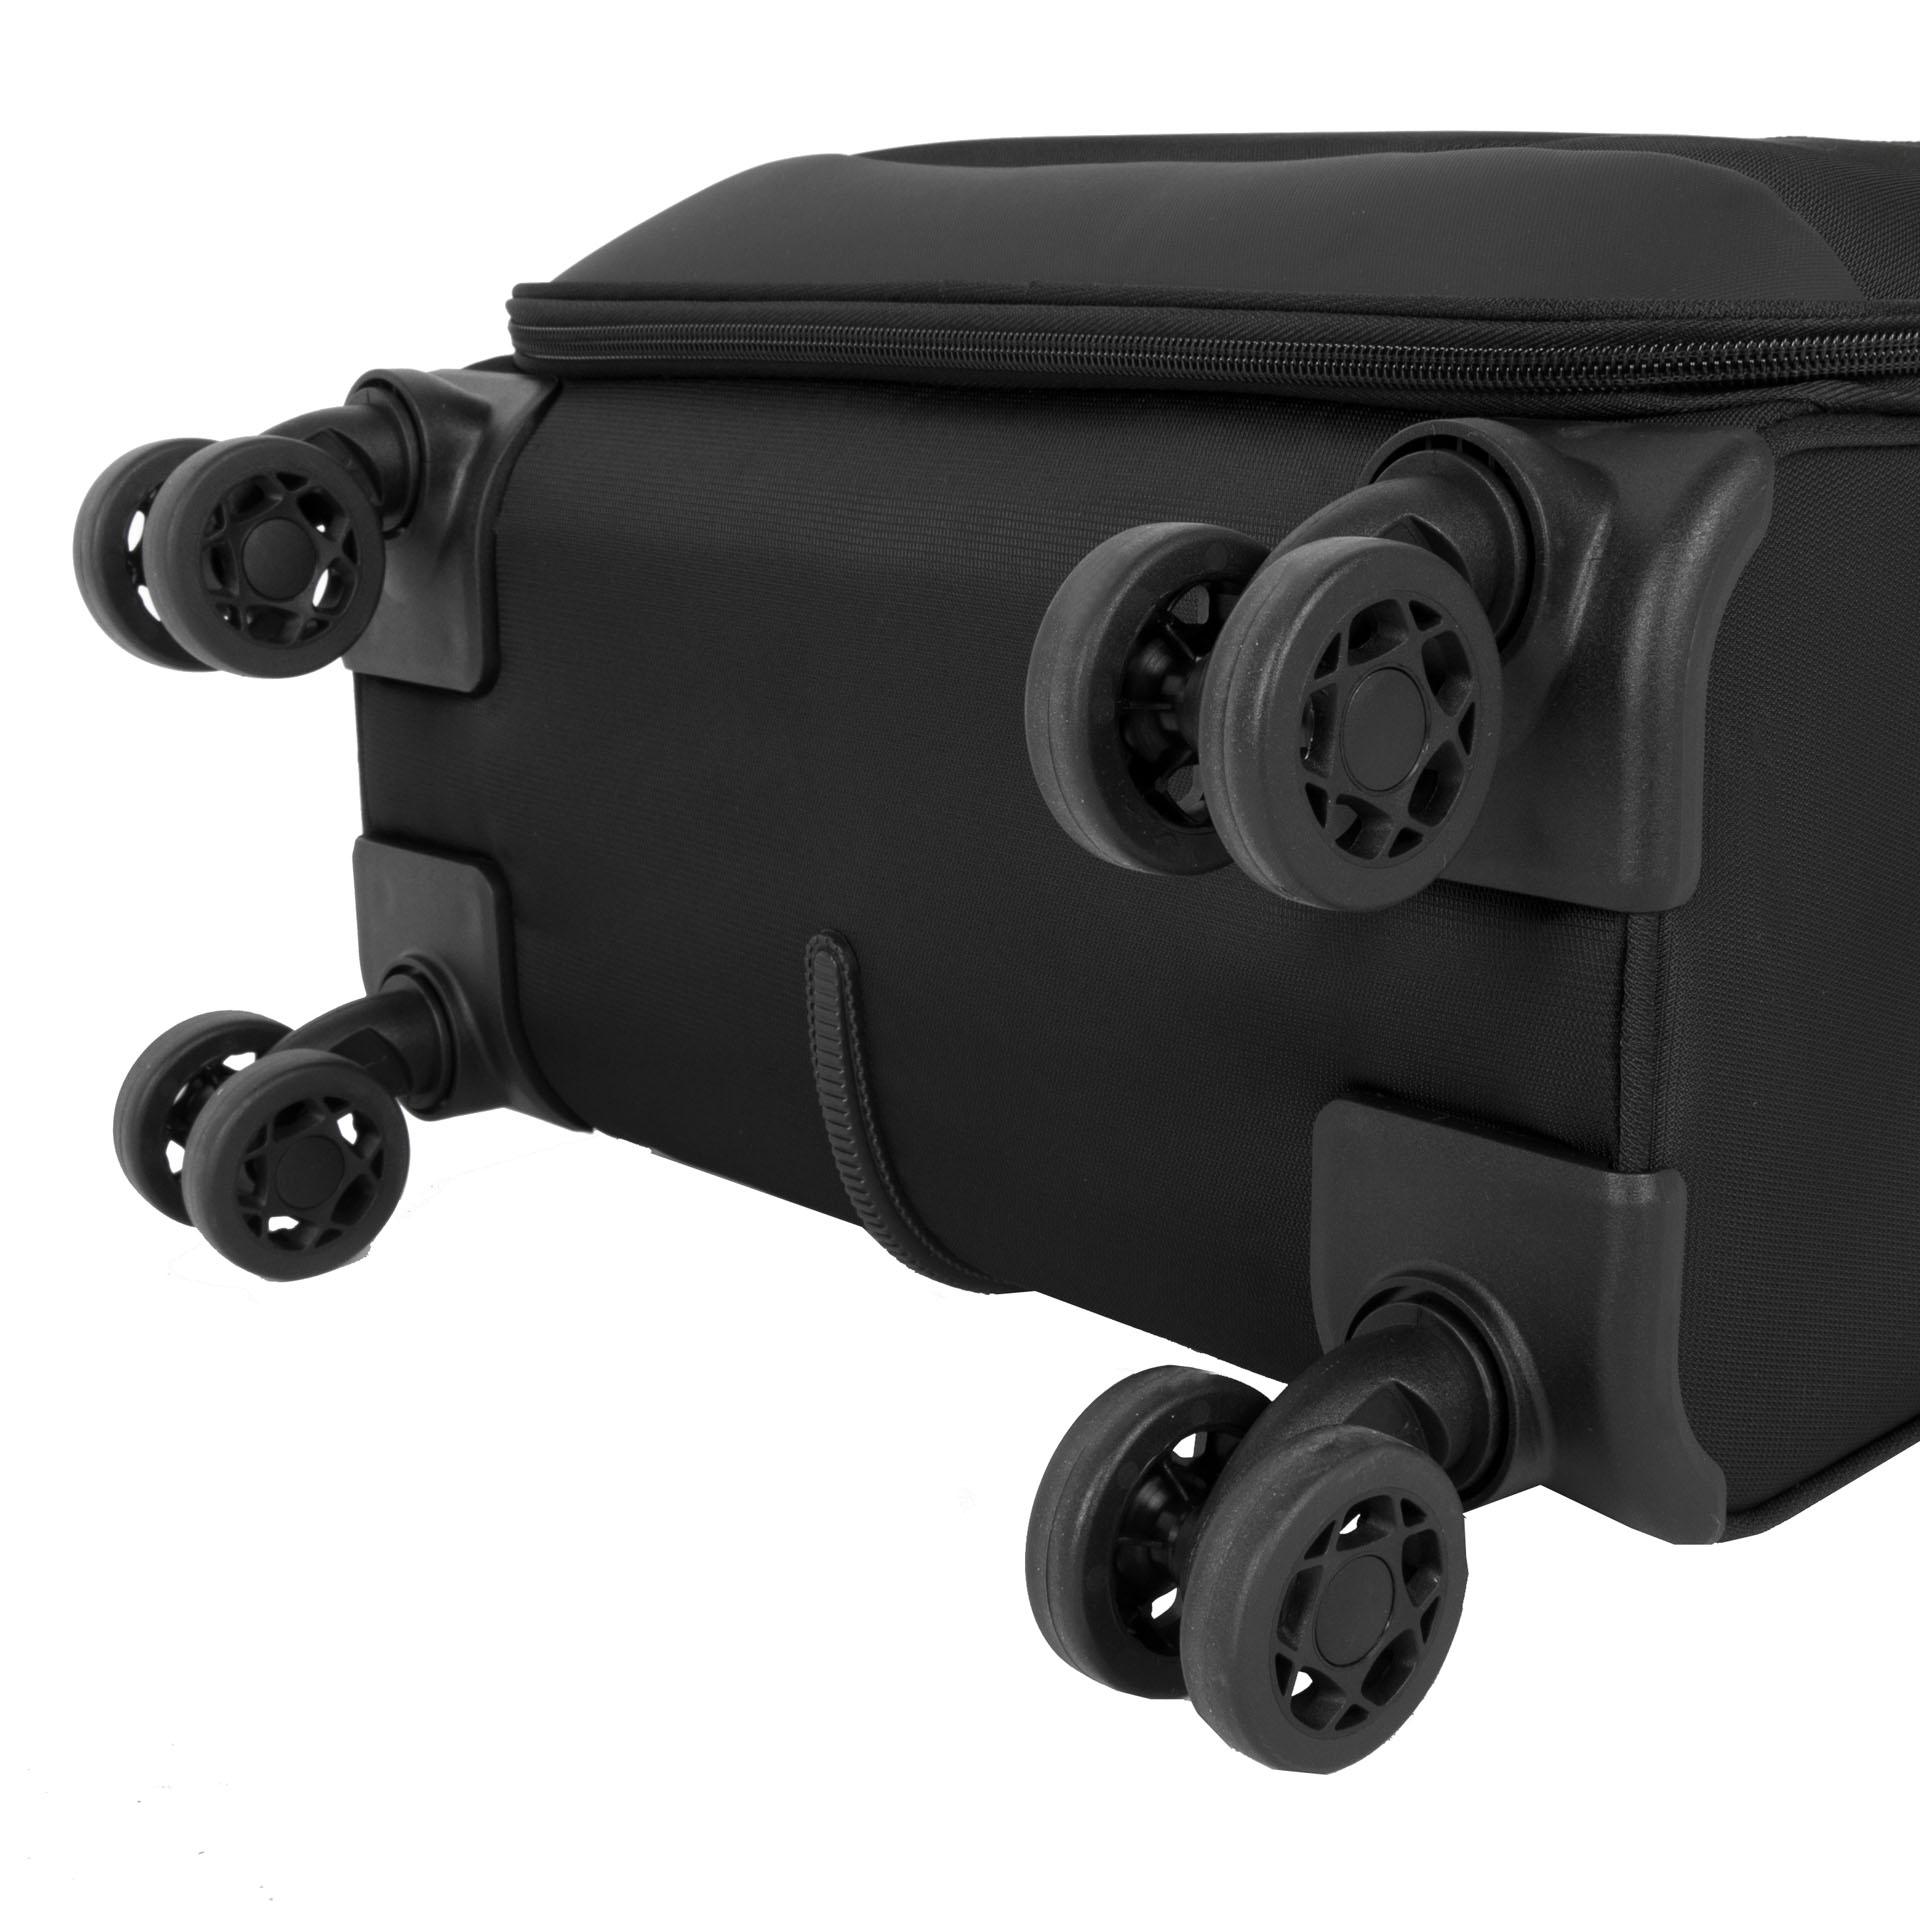 March Stardust S Black.  - kufor S je väčšinou leteckých spoločností akceptovaný ako palubný - štyri tiché dvojkolieska rotujúce v 360° - výsuvná hliníková rukoväť s aretáciou - zabudovaný TSA kombinačný zámok - luxusný interiér a externé vrecko - päťročná záruka